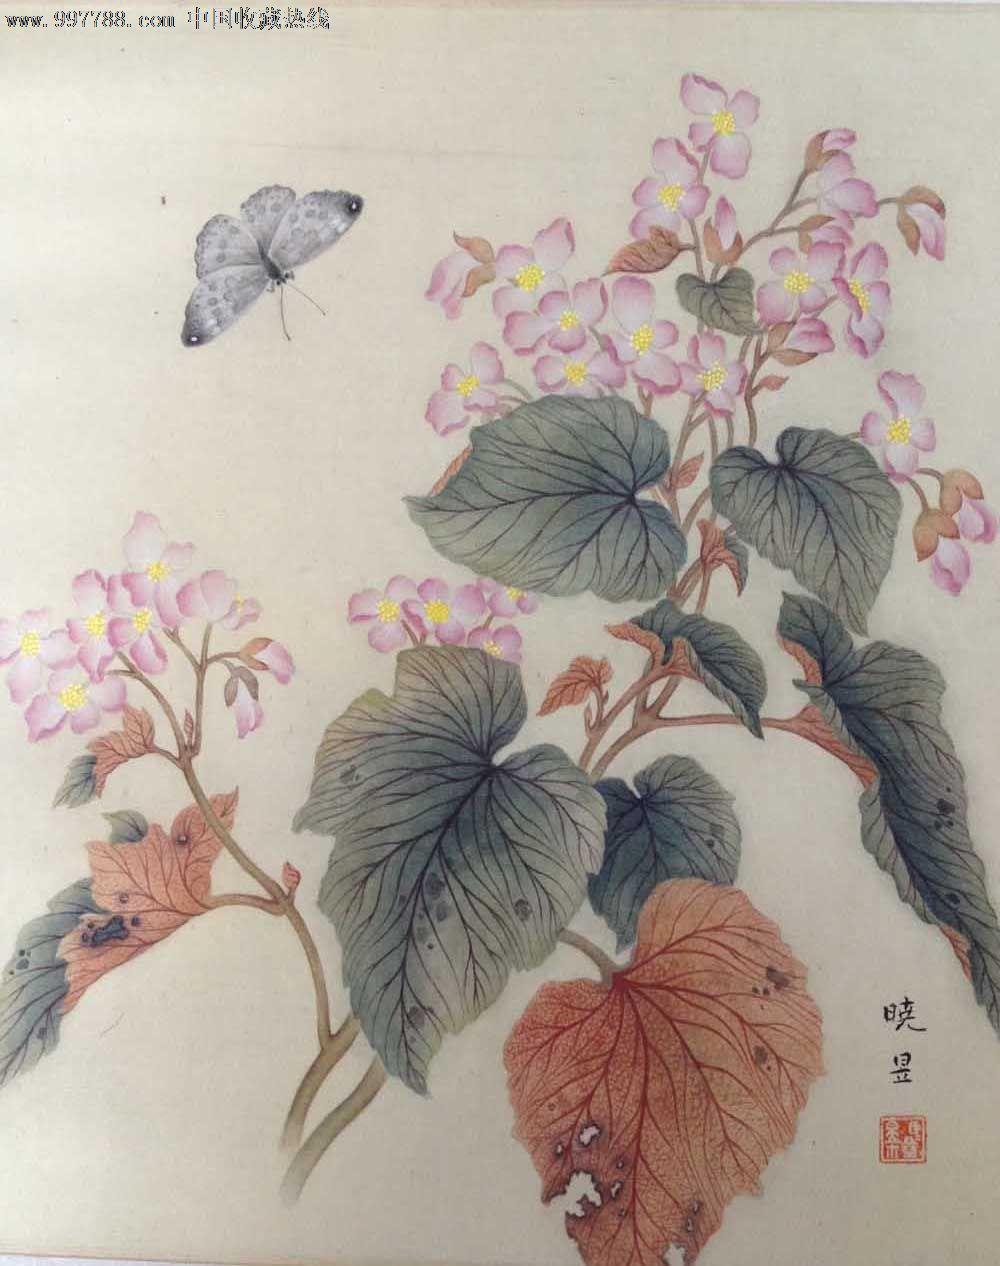 马晓昱工笔画-花卉3